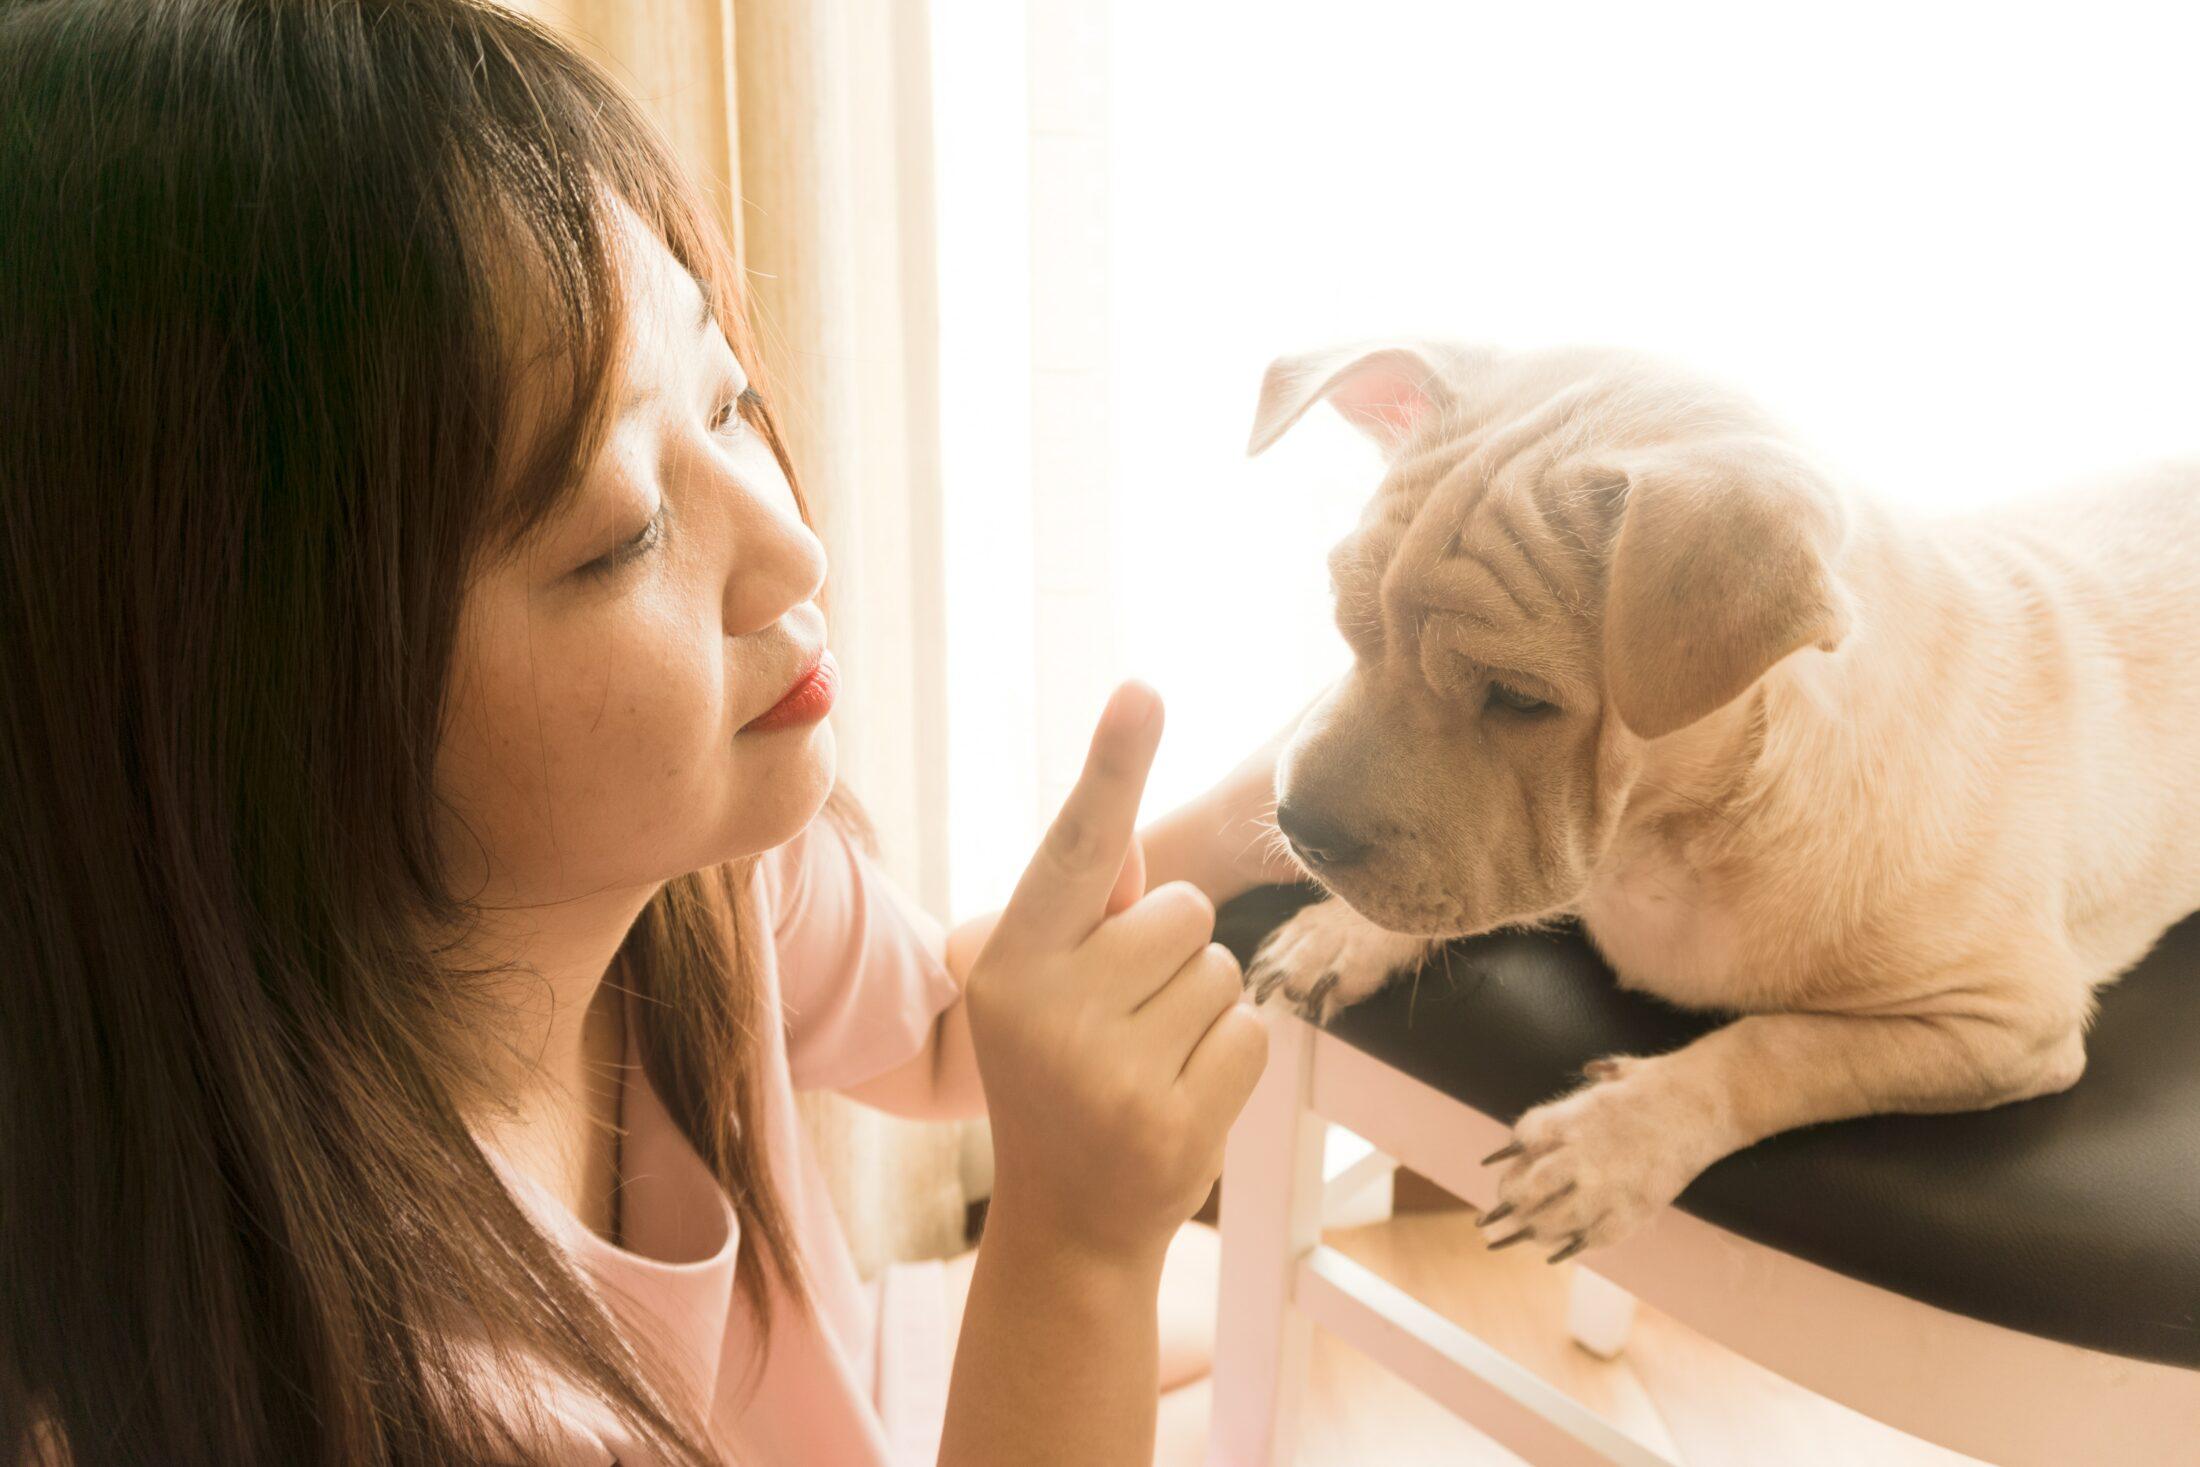 Ensinar o nome dele logo cedo é uam forma de adestrar cão filhote desde cedo.